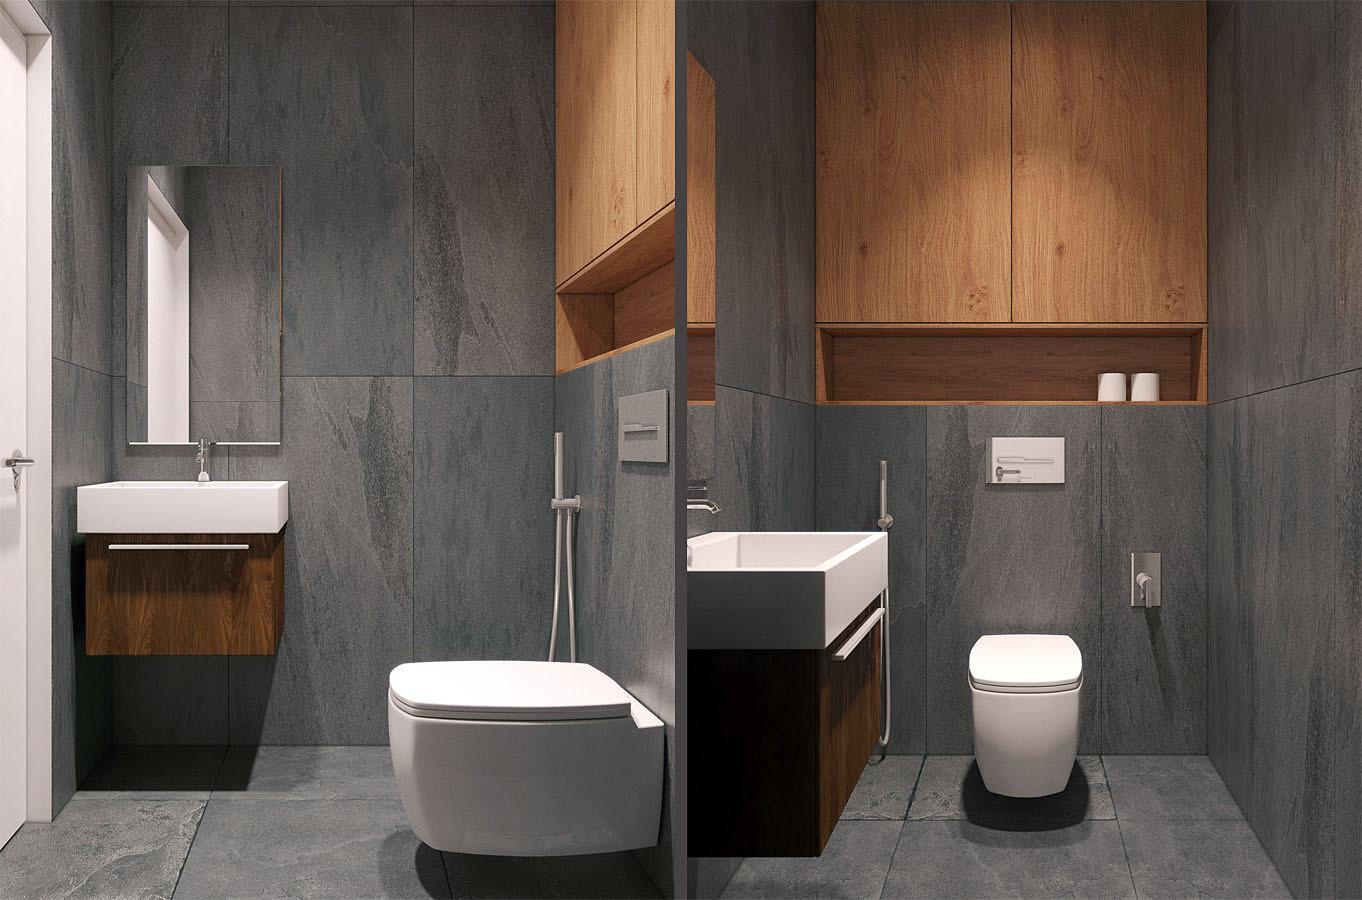 Дизайн интерьера ЖК Тихая роща